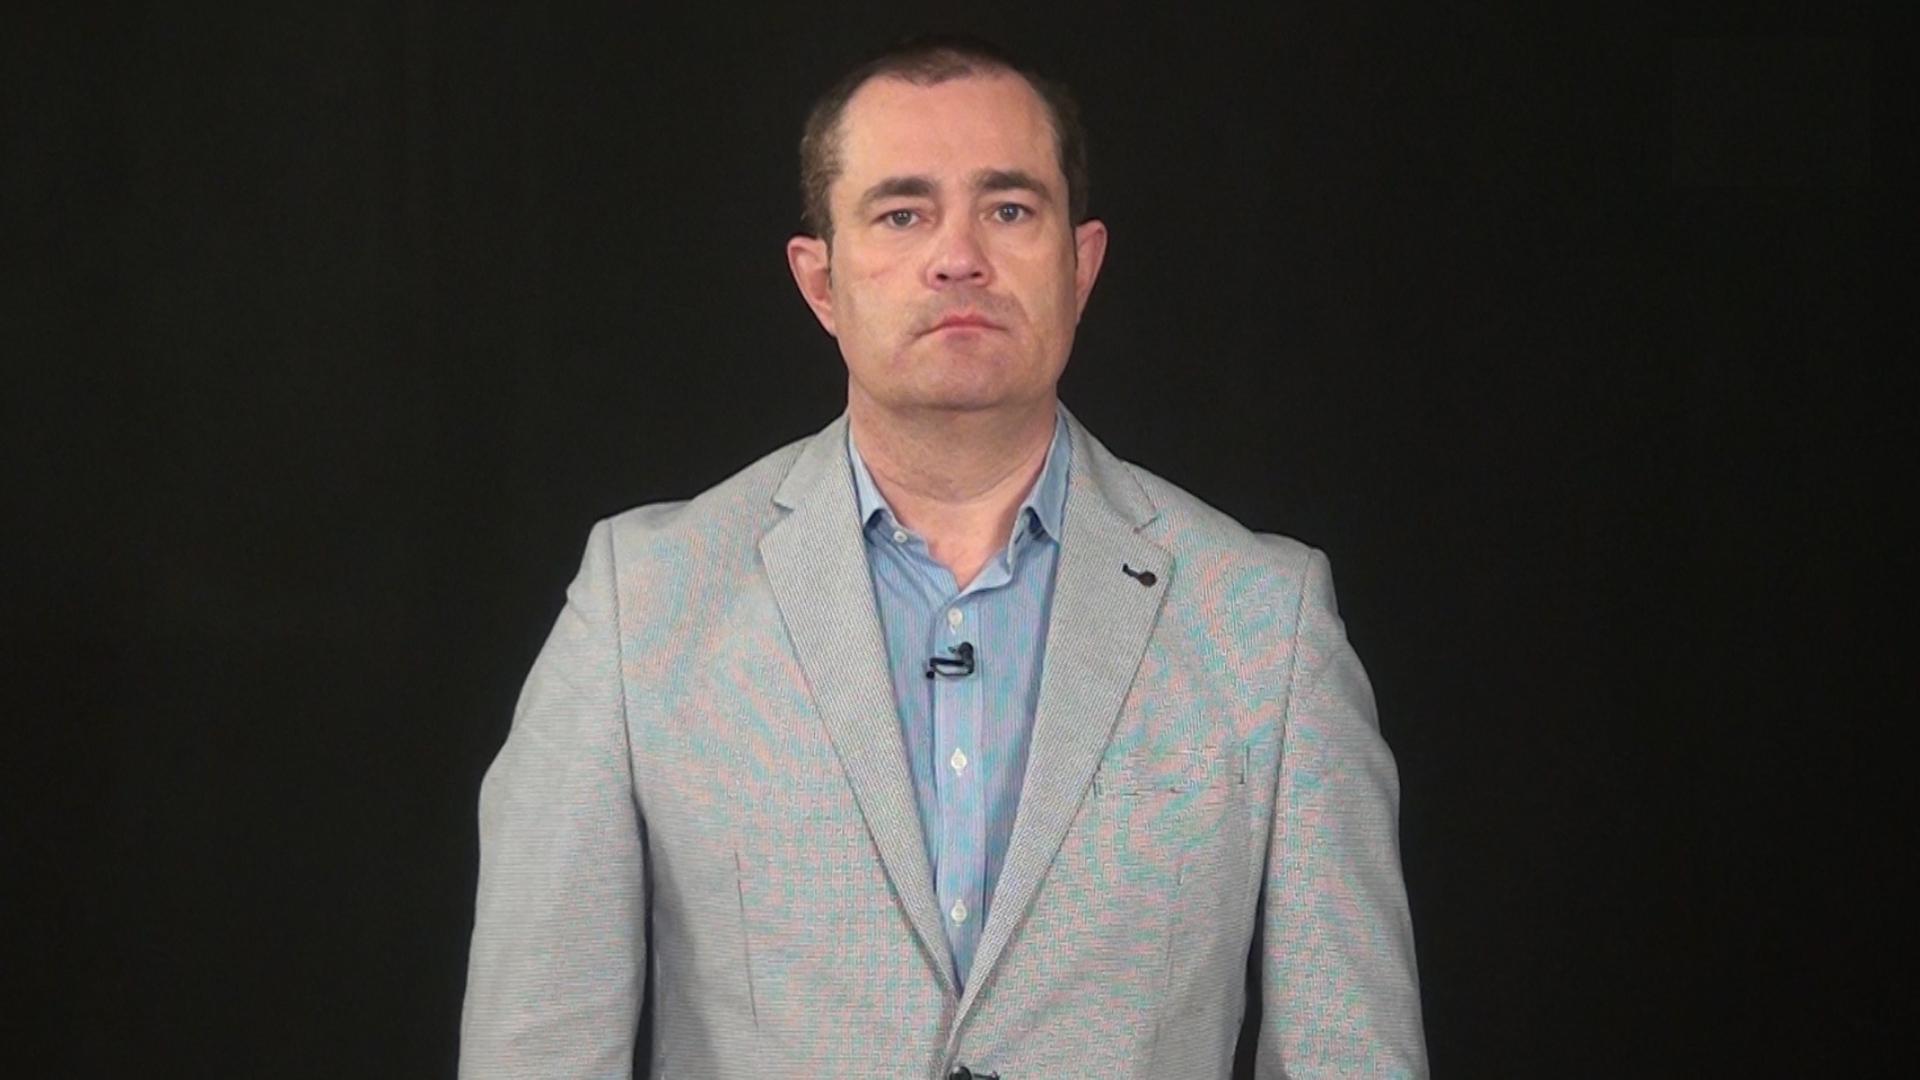 José Antonio Cavero